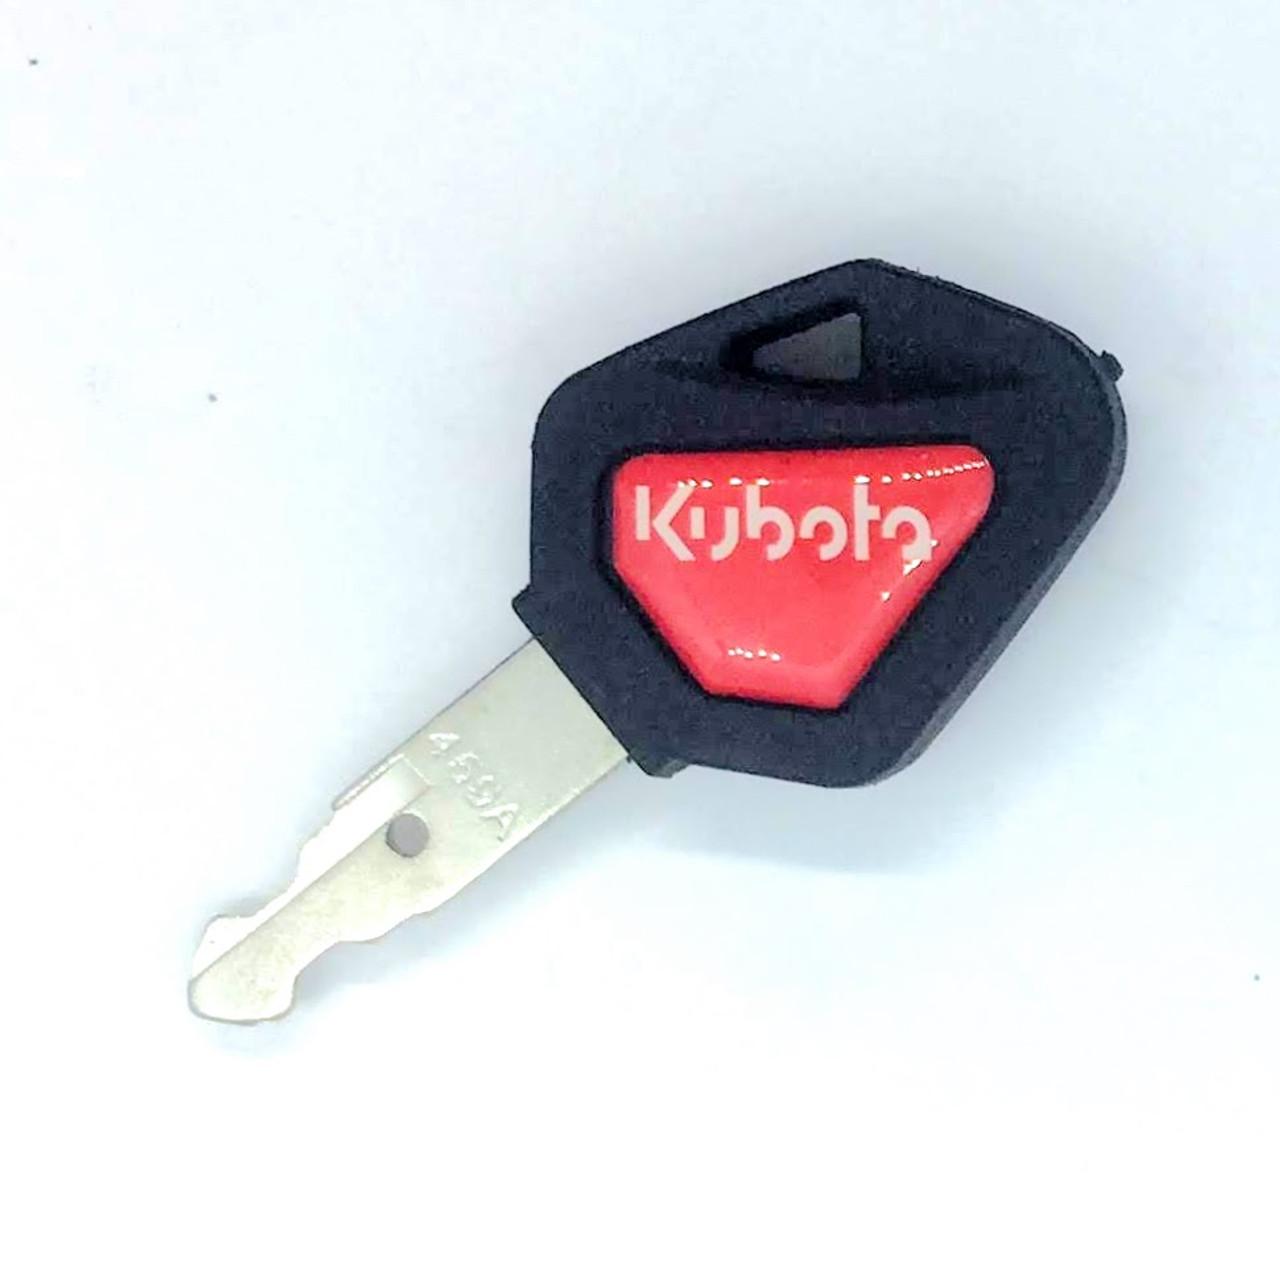 Kubota Skid Steer Key